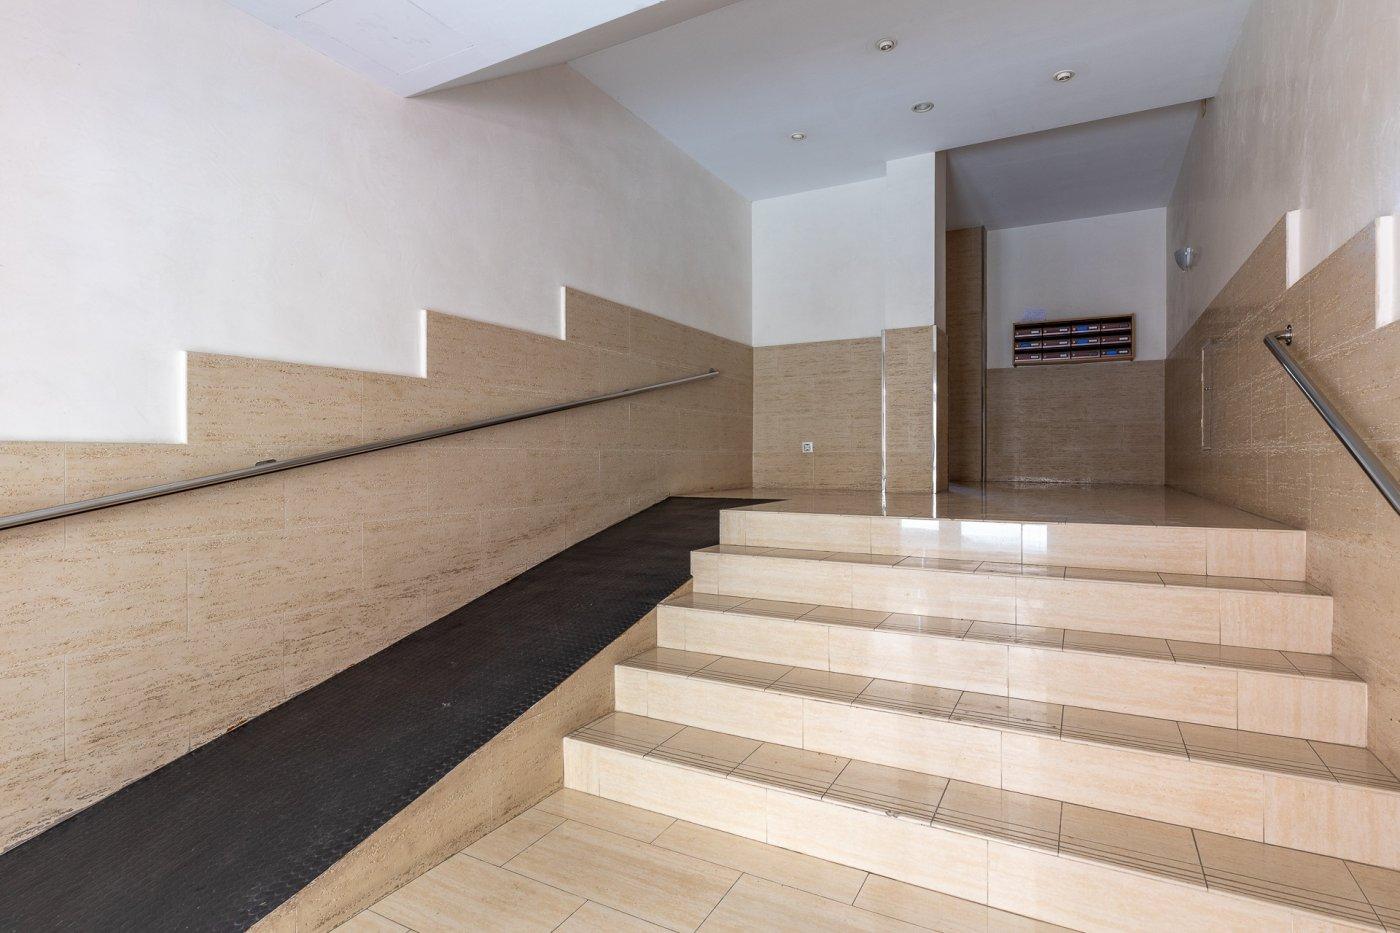 Precioso piso reformado en zona paseo marítimo - imagenInmueble12